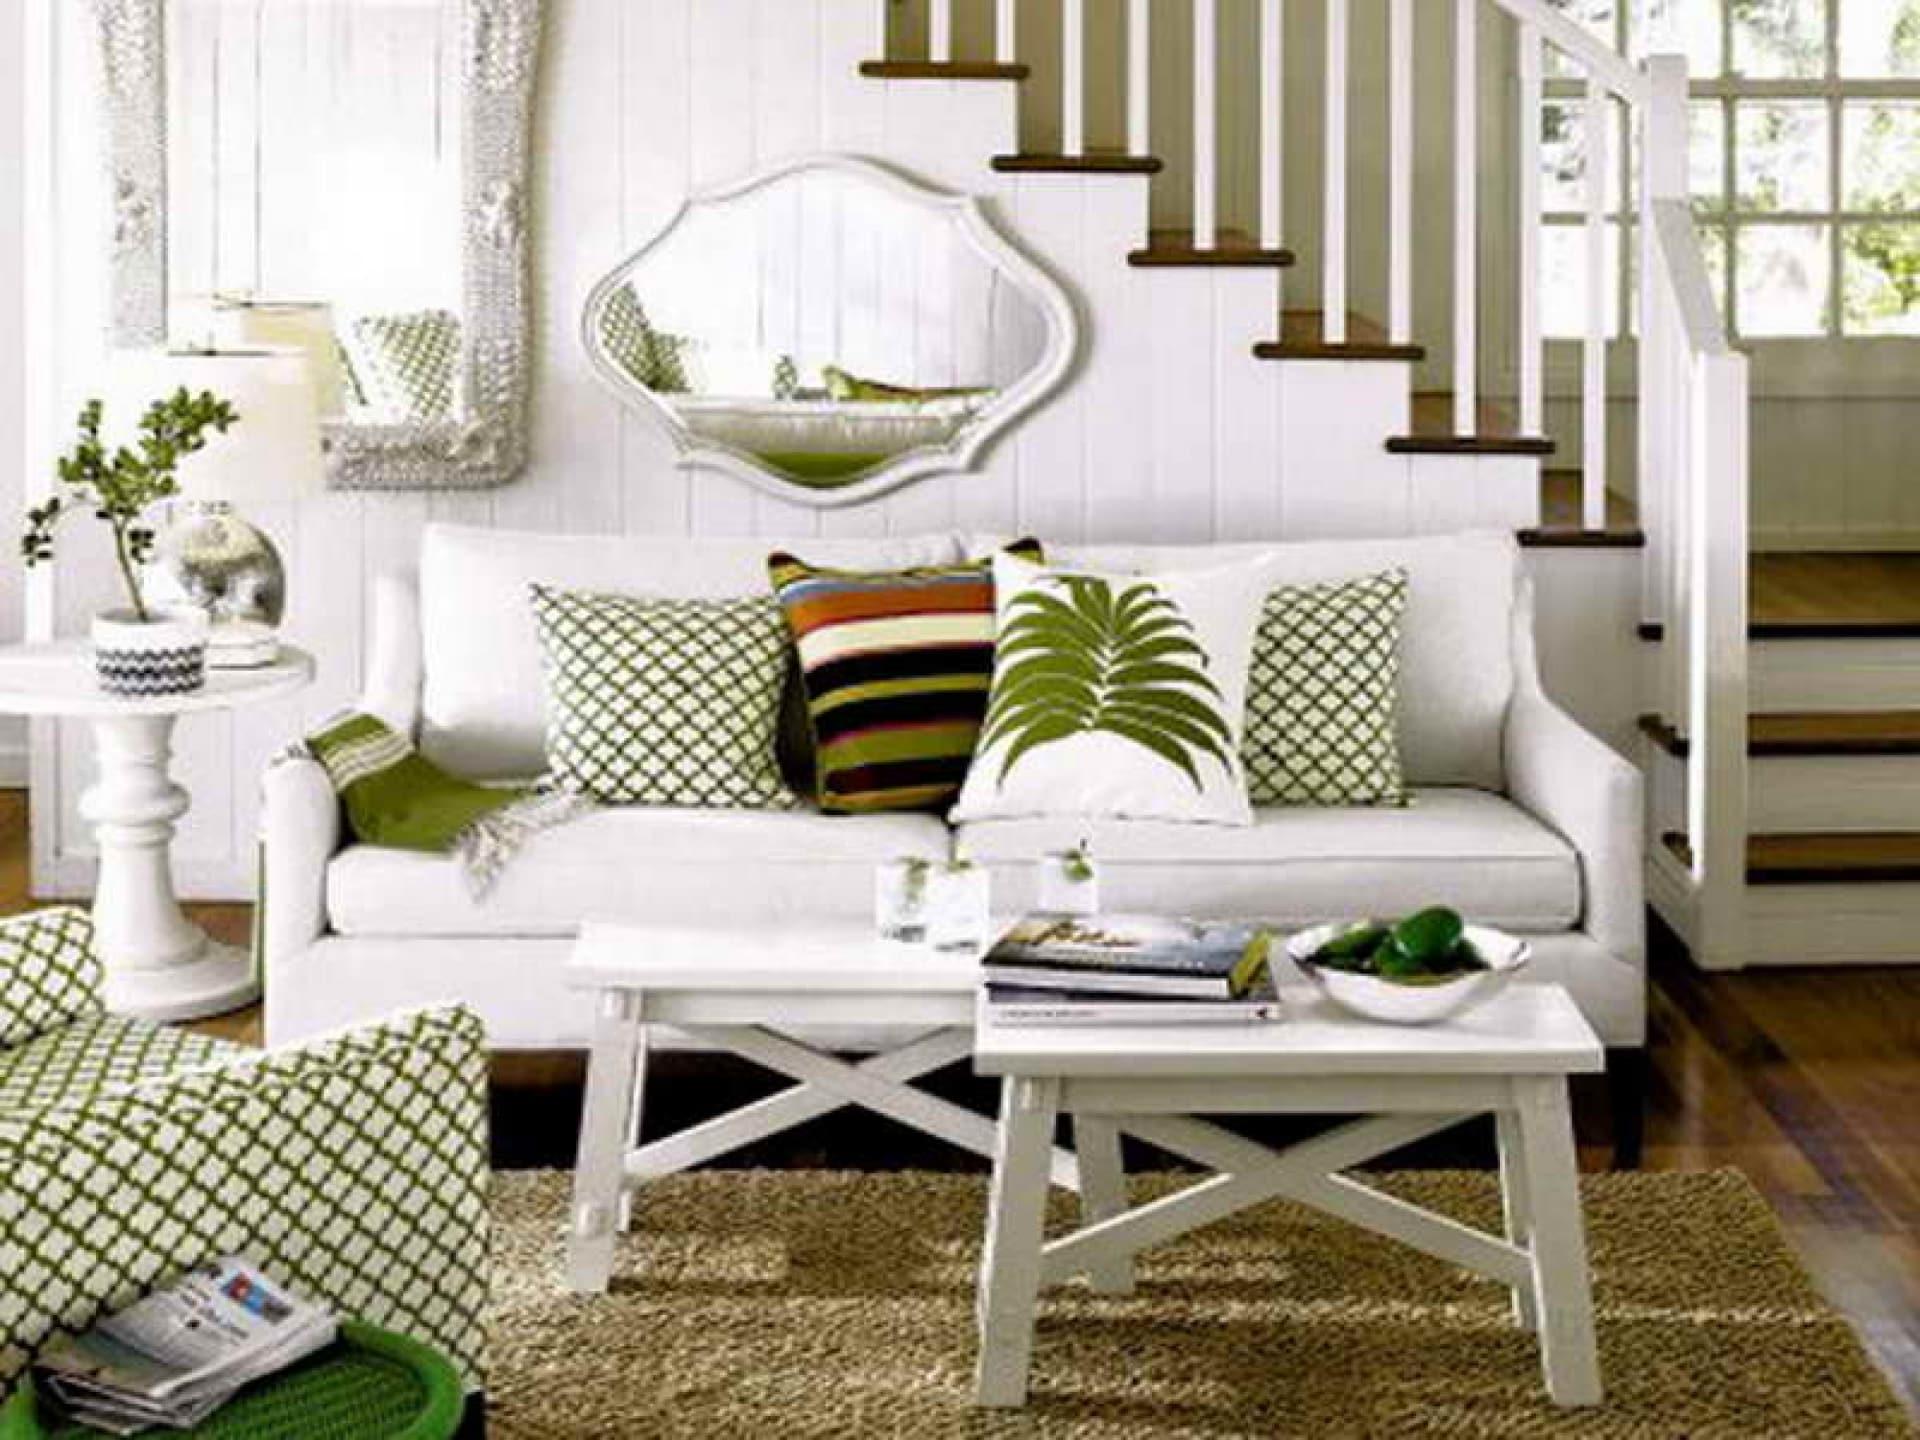 salas pequenas arquiteta 5 - 5 dicas para decorar salas pequenas